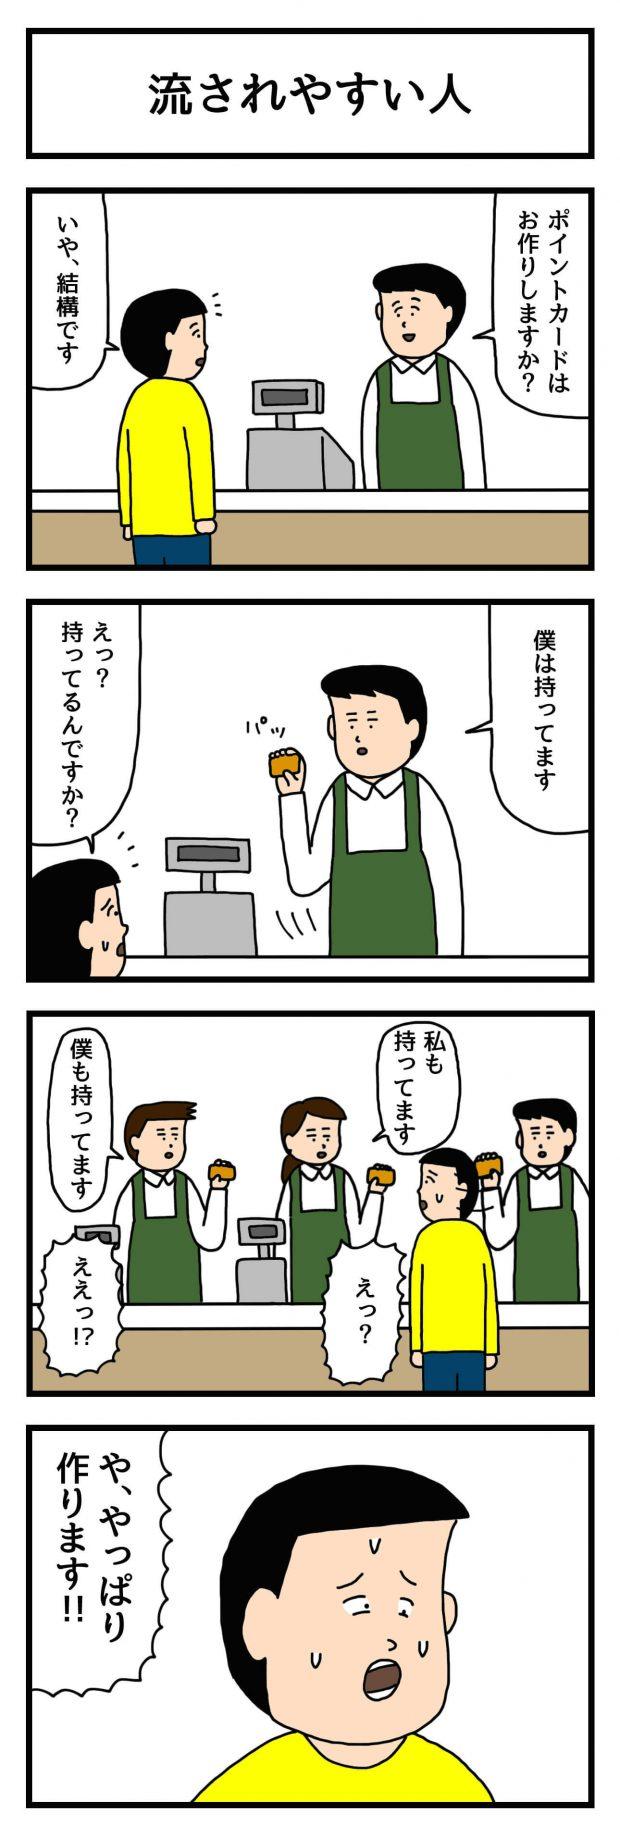 四 コマ 漫画 ネタ クスッと笑える4コマ漫画23ネタ描いてみた。